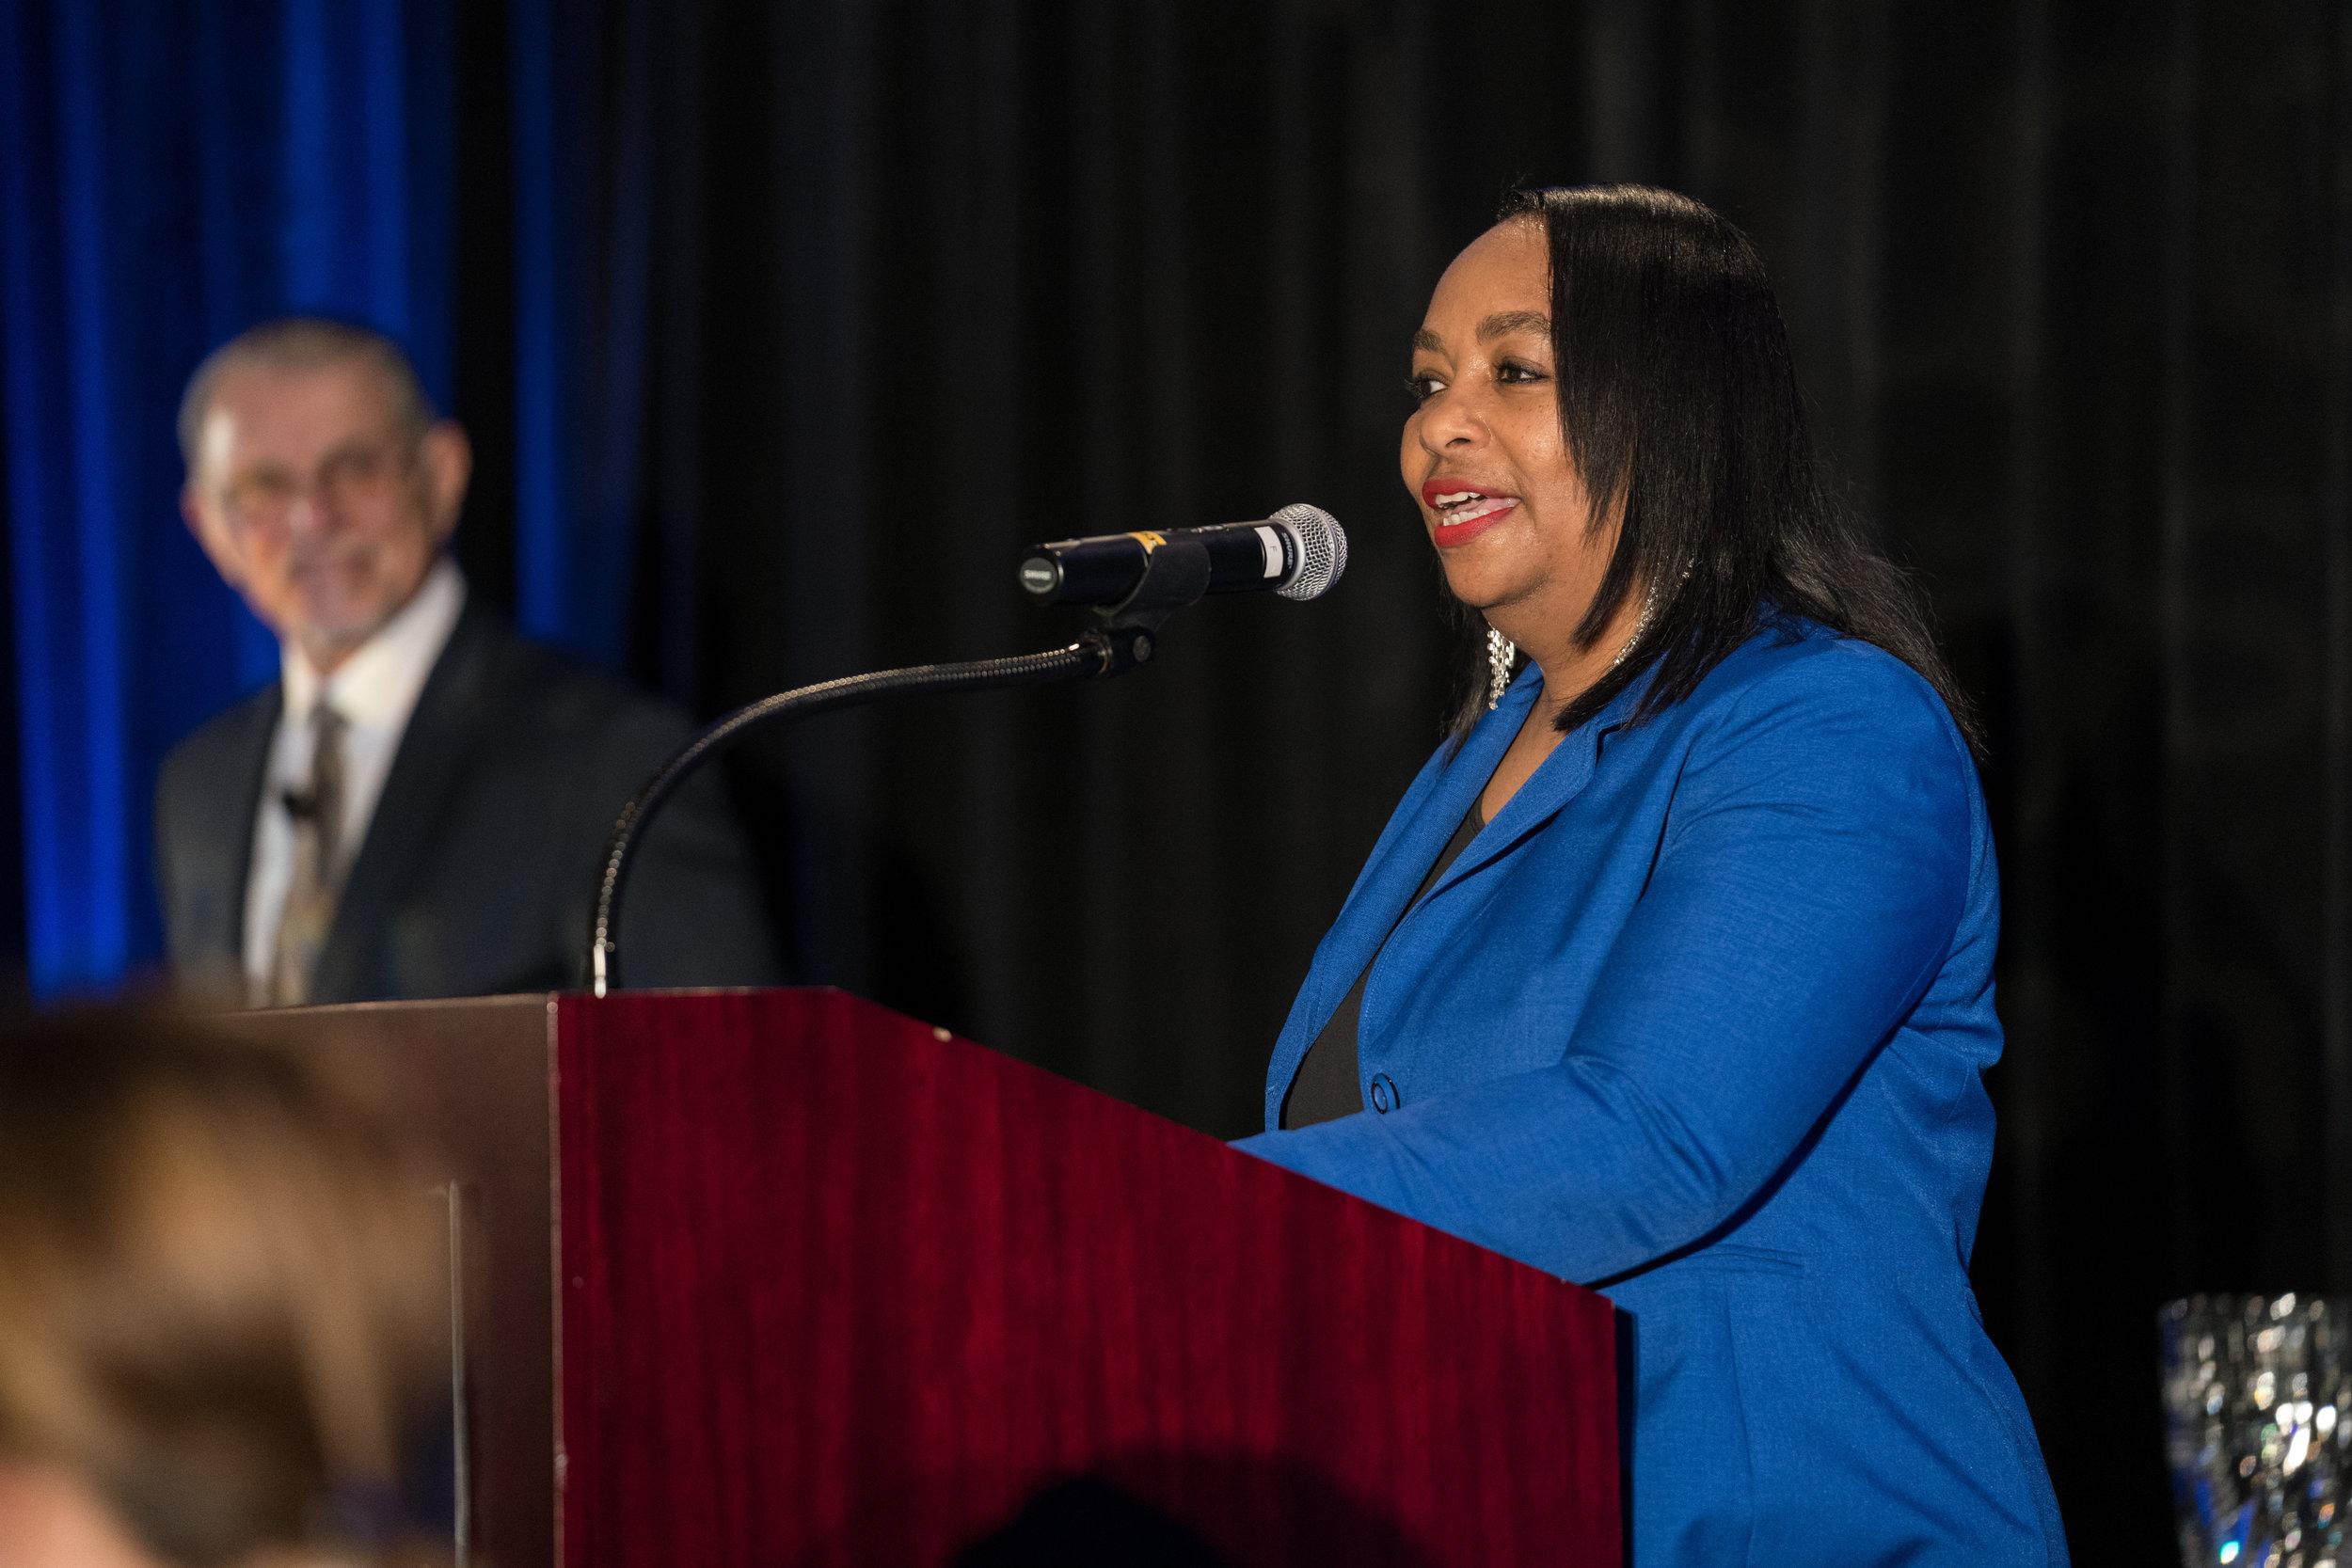 006 - 2018 Advocacy Awards Photos